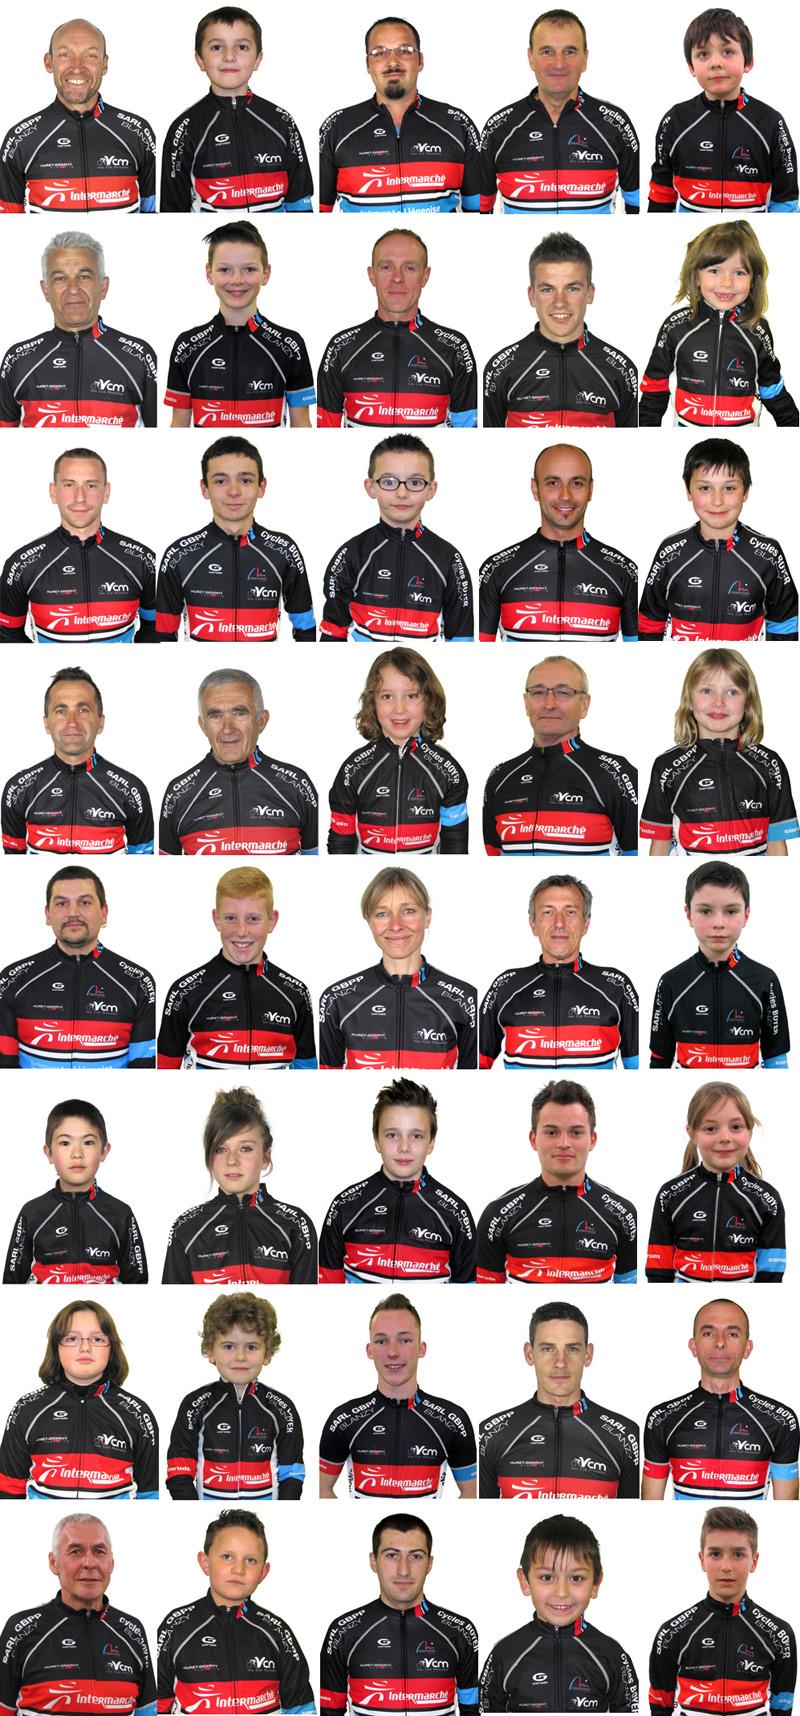 VCM-équipe-2015